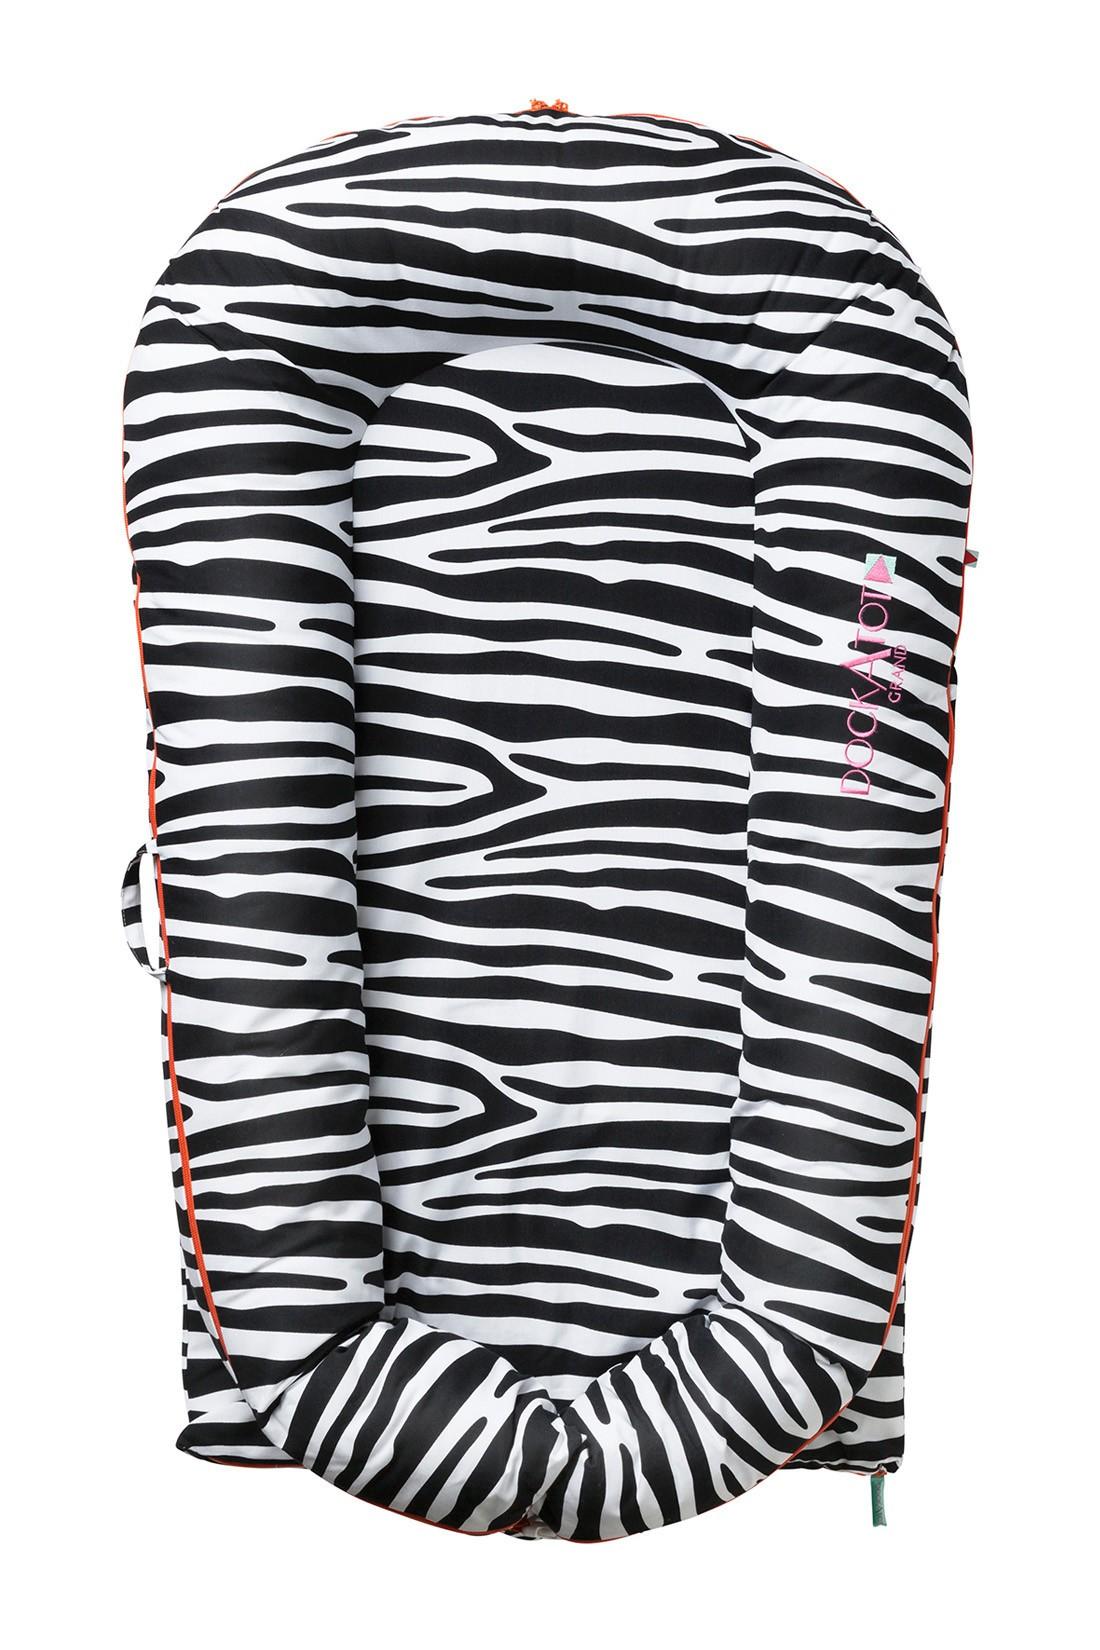 Dockatot Zebra Cover